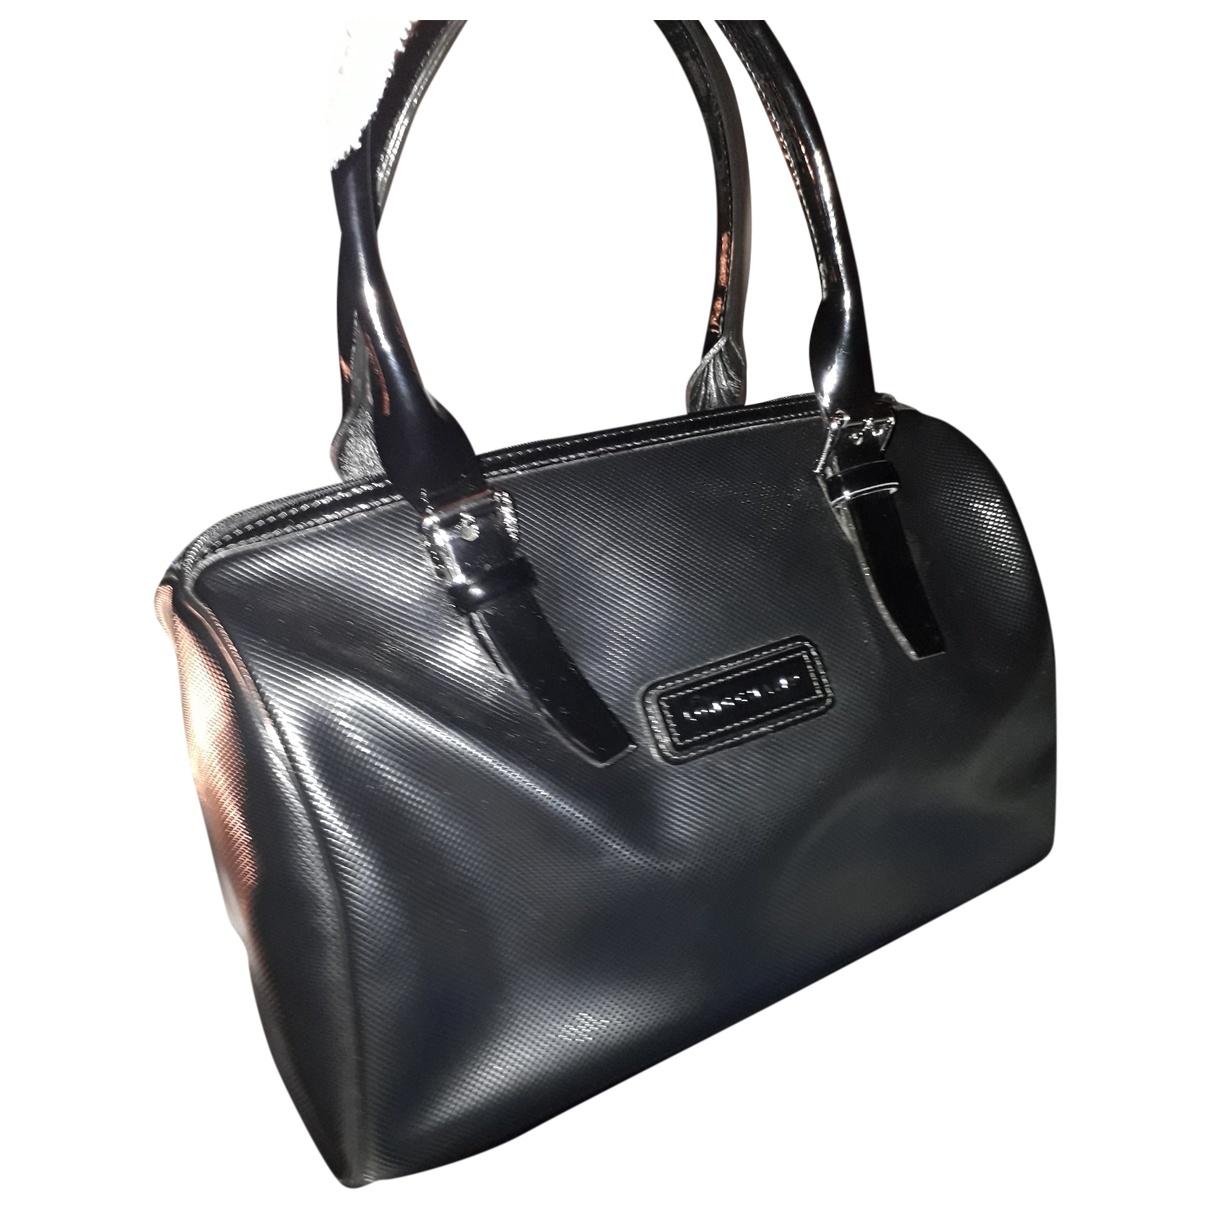 Longchamp - Sac a main   pour femme en cuir - noir